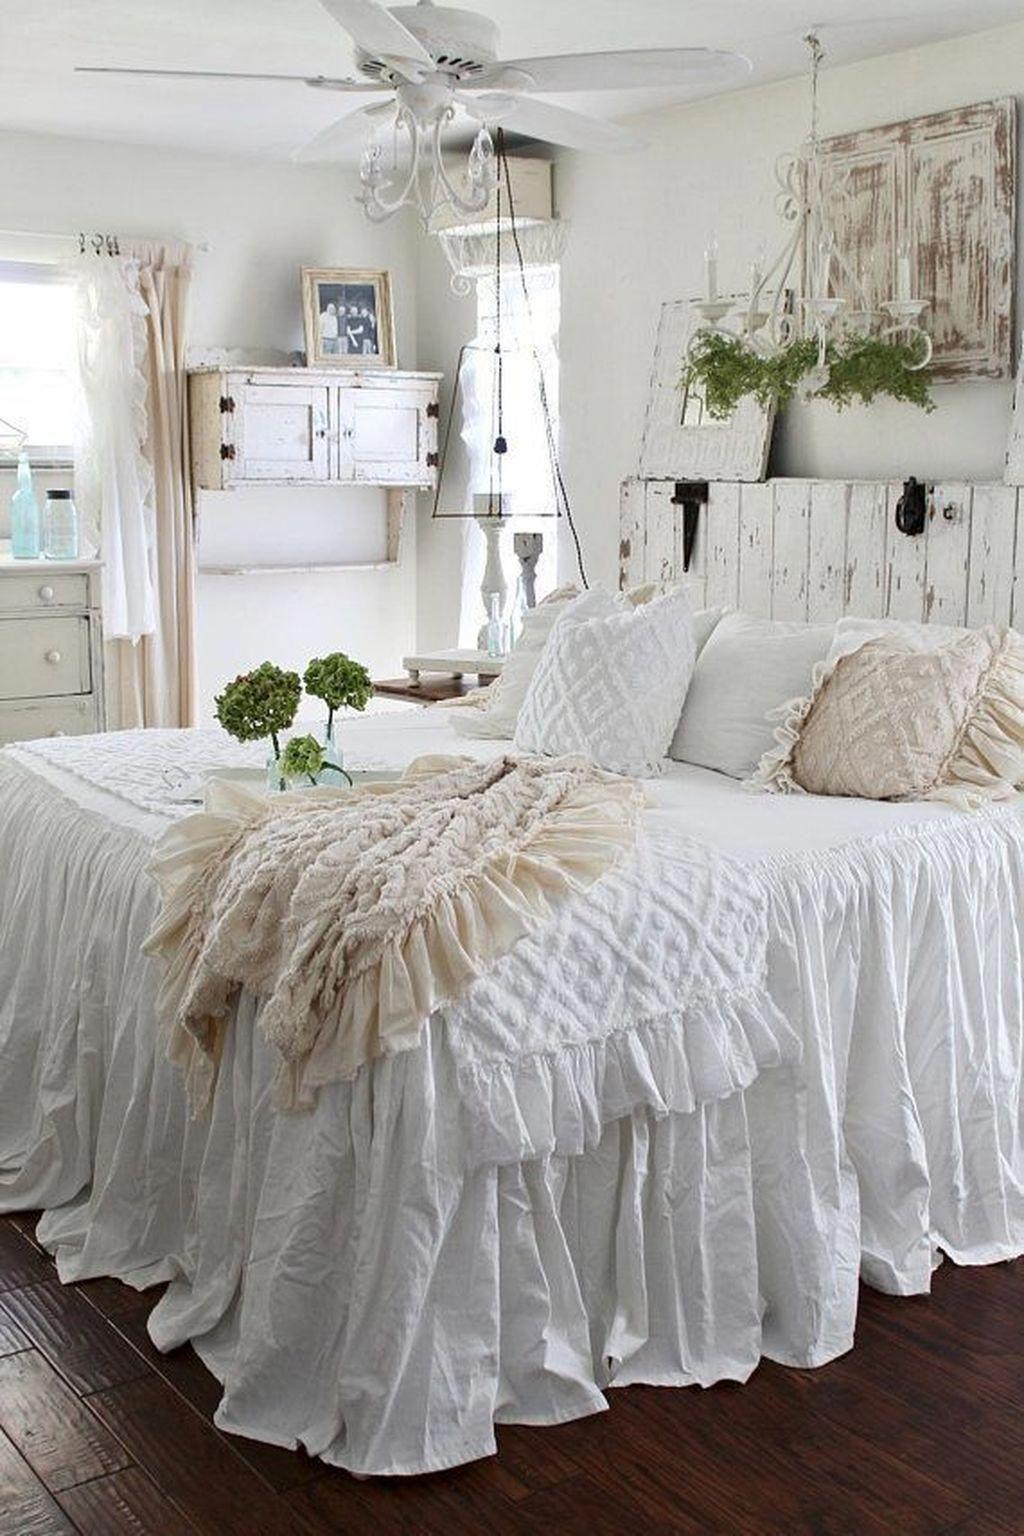 Urban style bedroom ideas, description: Cool 47 Modern Shabby Chic Bedroom Ideas Shabbychichomes Shabby Chic Room Shabby Chic Bedrooms Modern Shabby Chic Bedroom